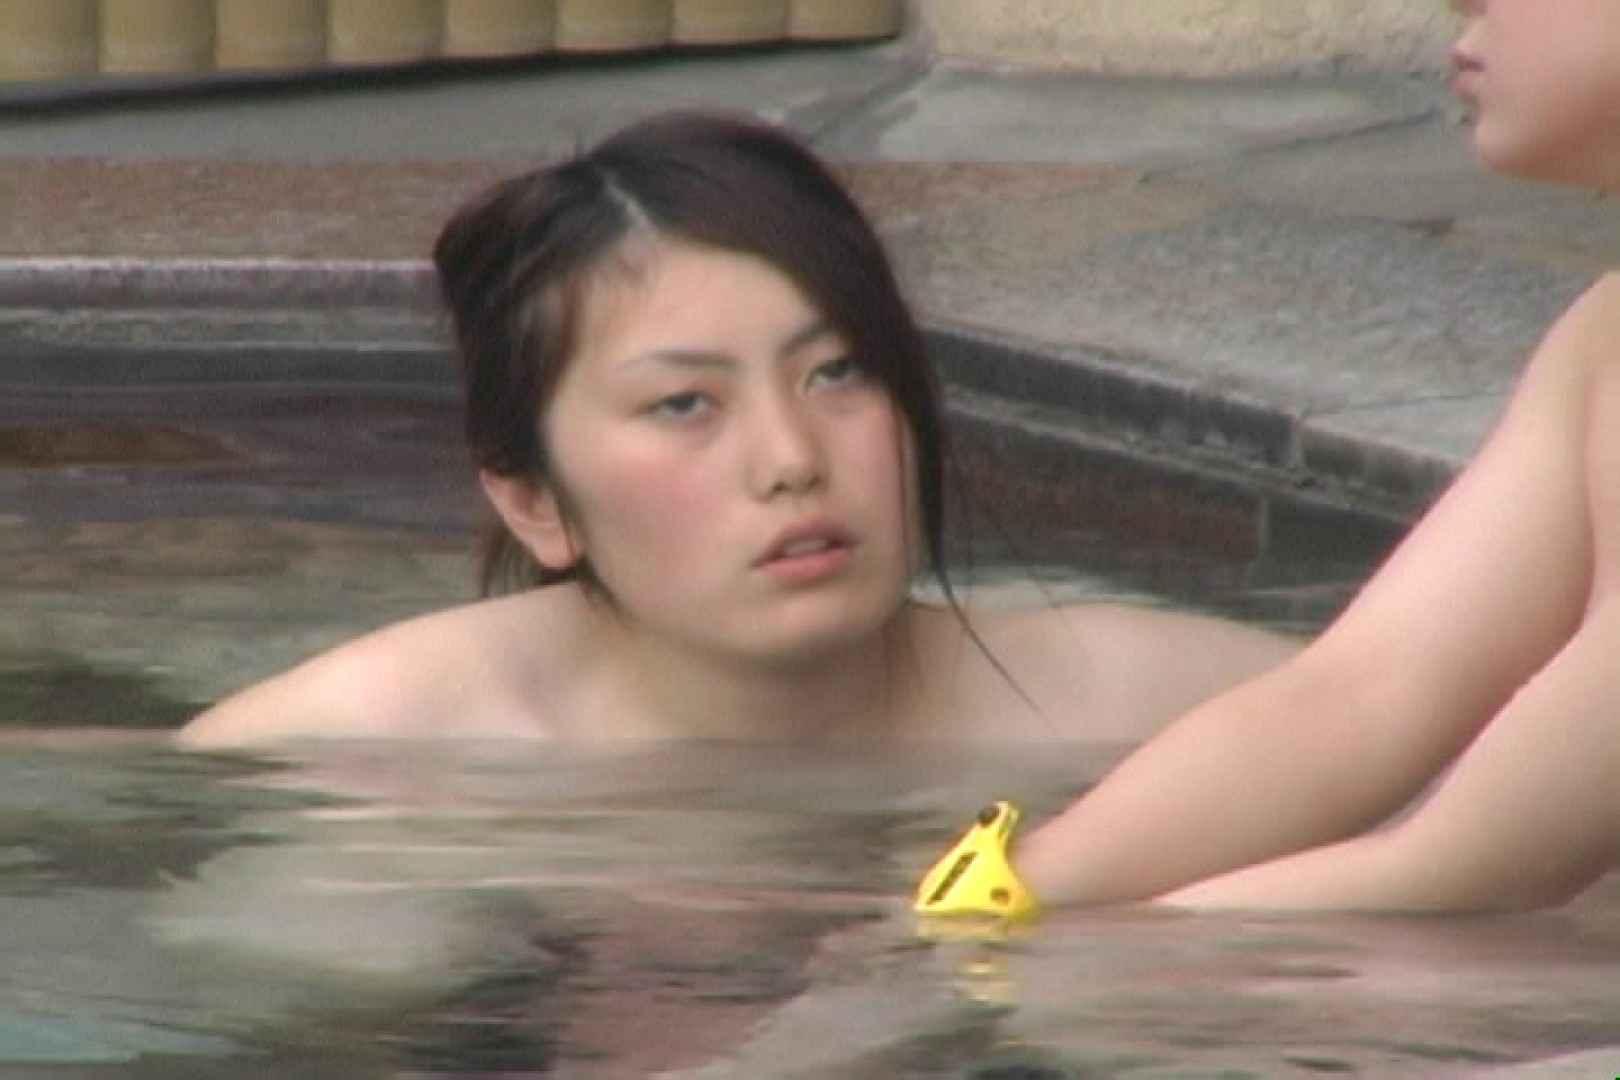 Aquaな露天風呂Vol.29【VIP】 露天  49画像 39